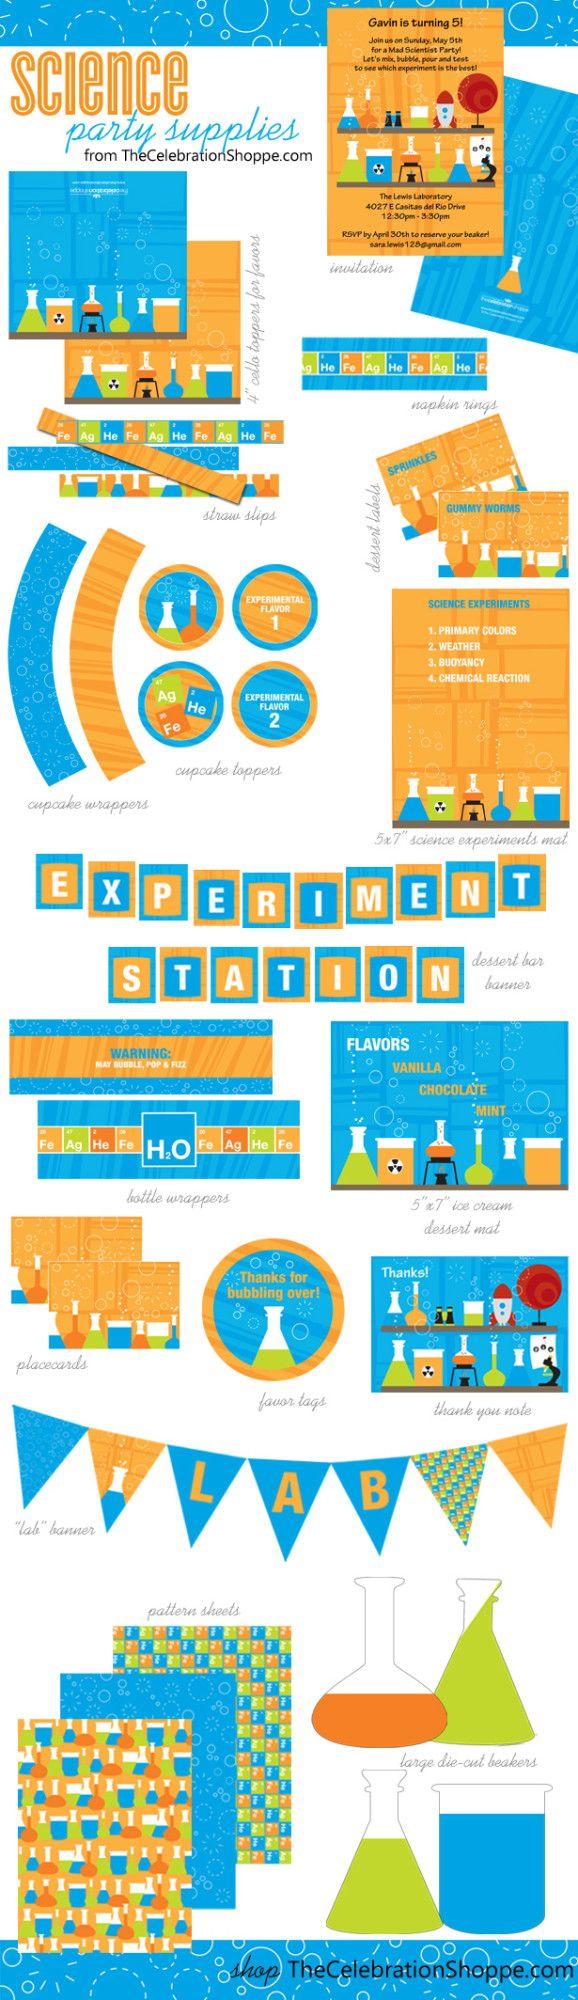 Science Party Supplies {bubble, pop, fizz!} | Kim Byers TheCelebrationShoppe.com #science #party #orangeblue #experiment